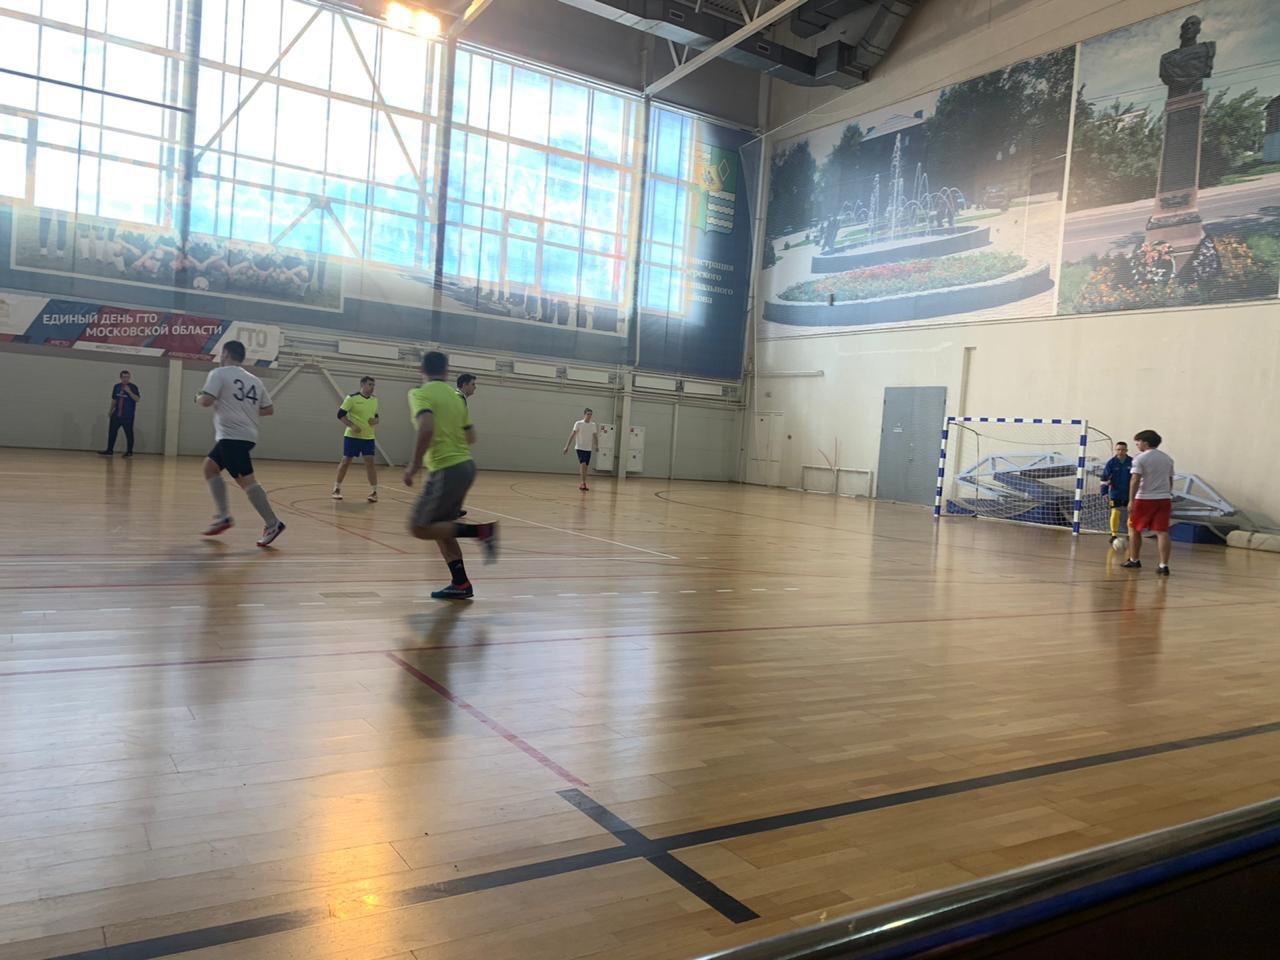 24 февраля в универсальном зале МУ «СЦ им. А.Гринина» прошли игры 10 тура «Первой лиги» Первенства городского округа Озеры по мини-футболу.